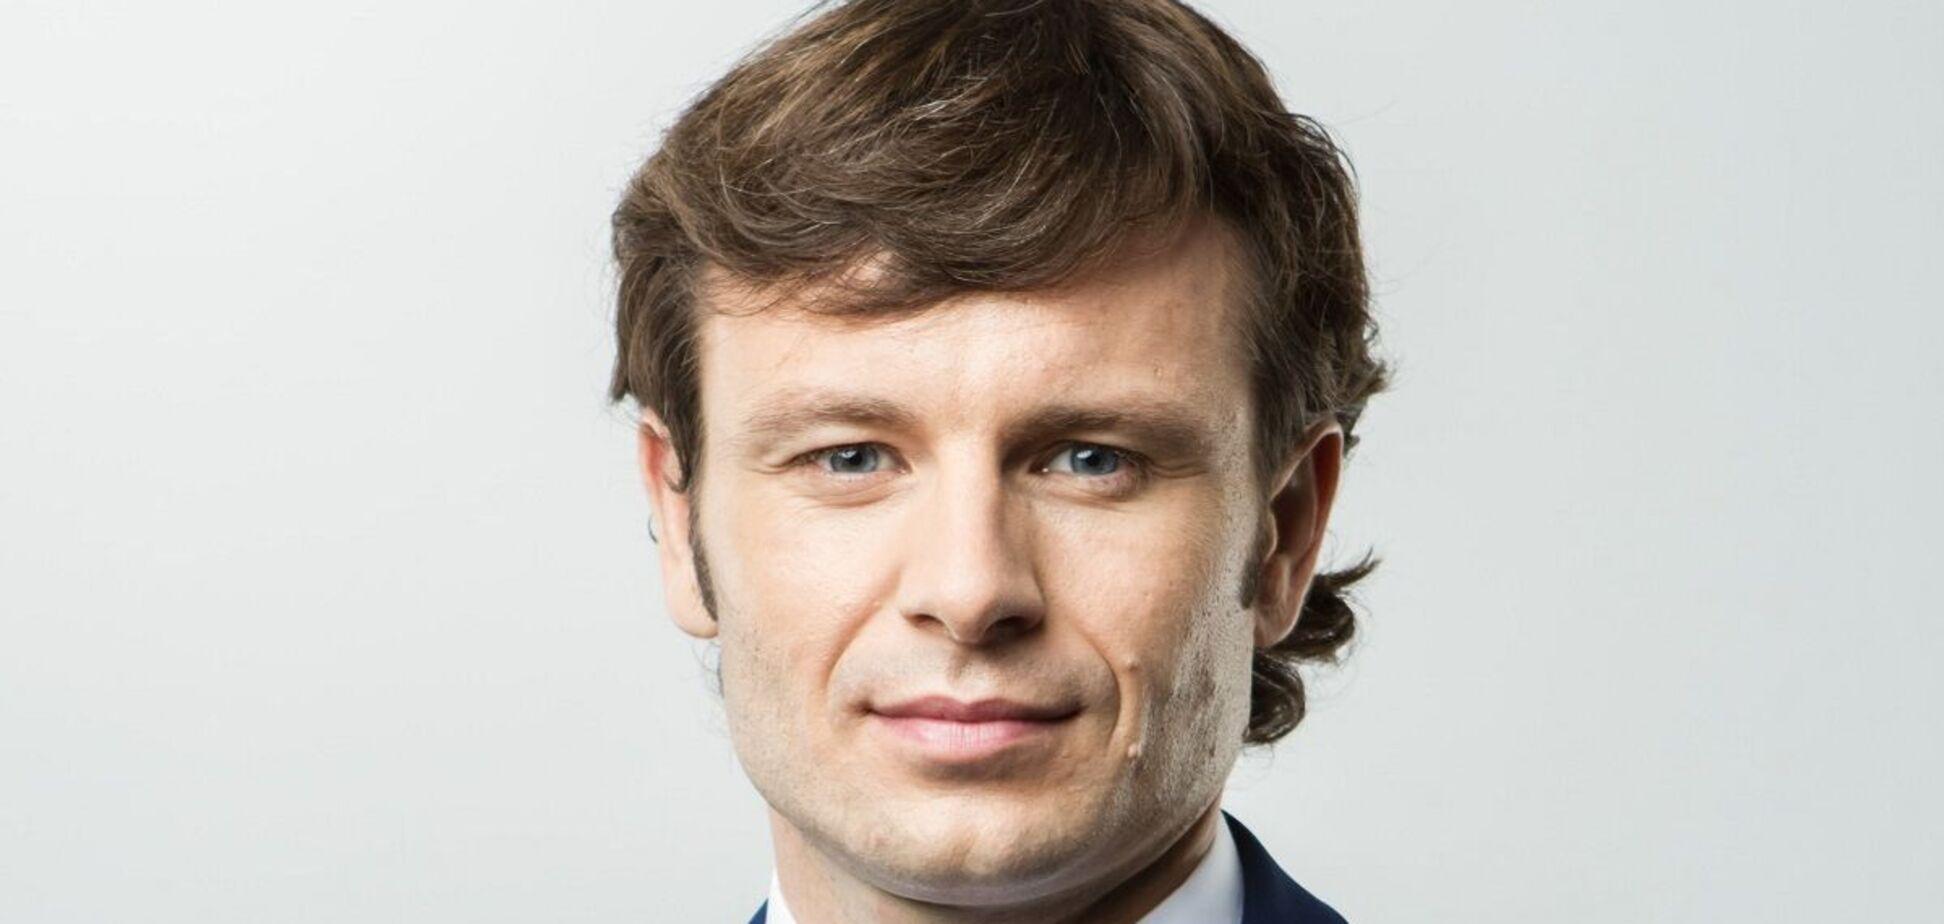 Сергей Марченко рассказал про госдолг